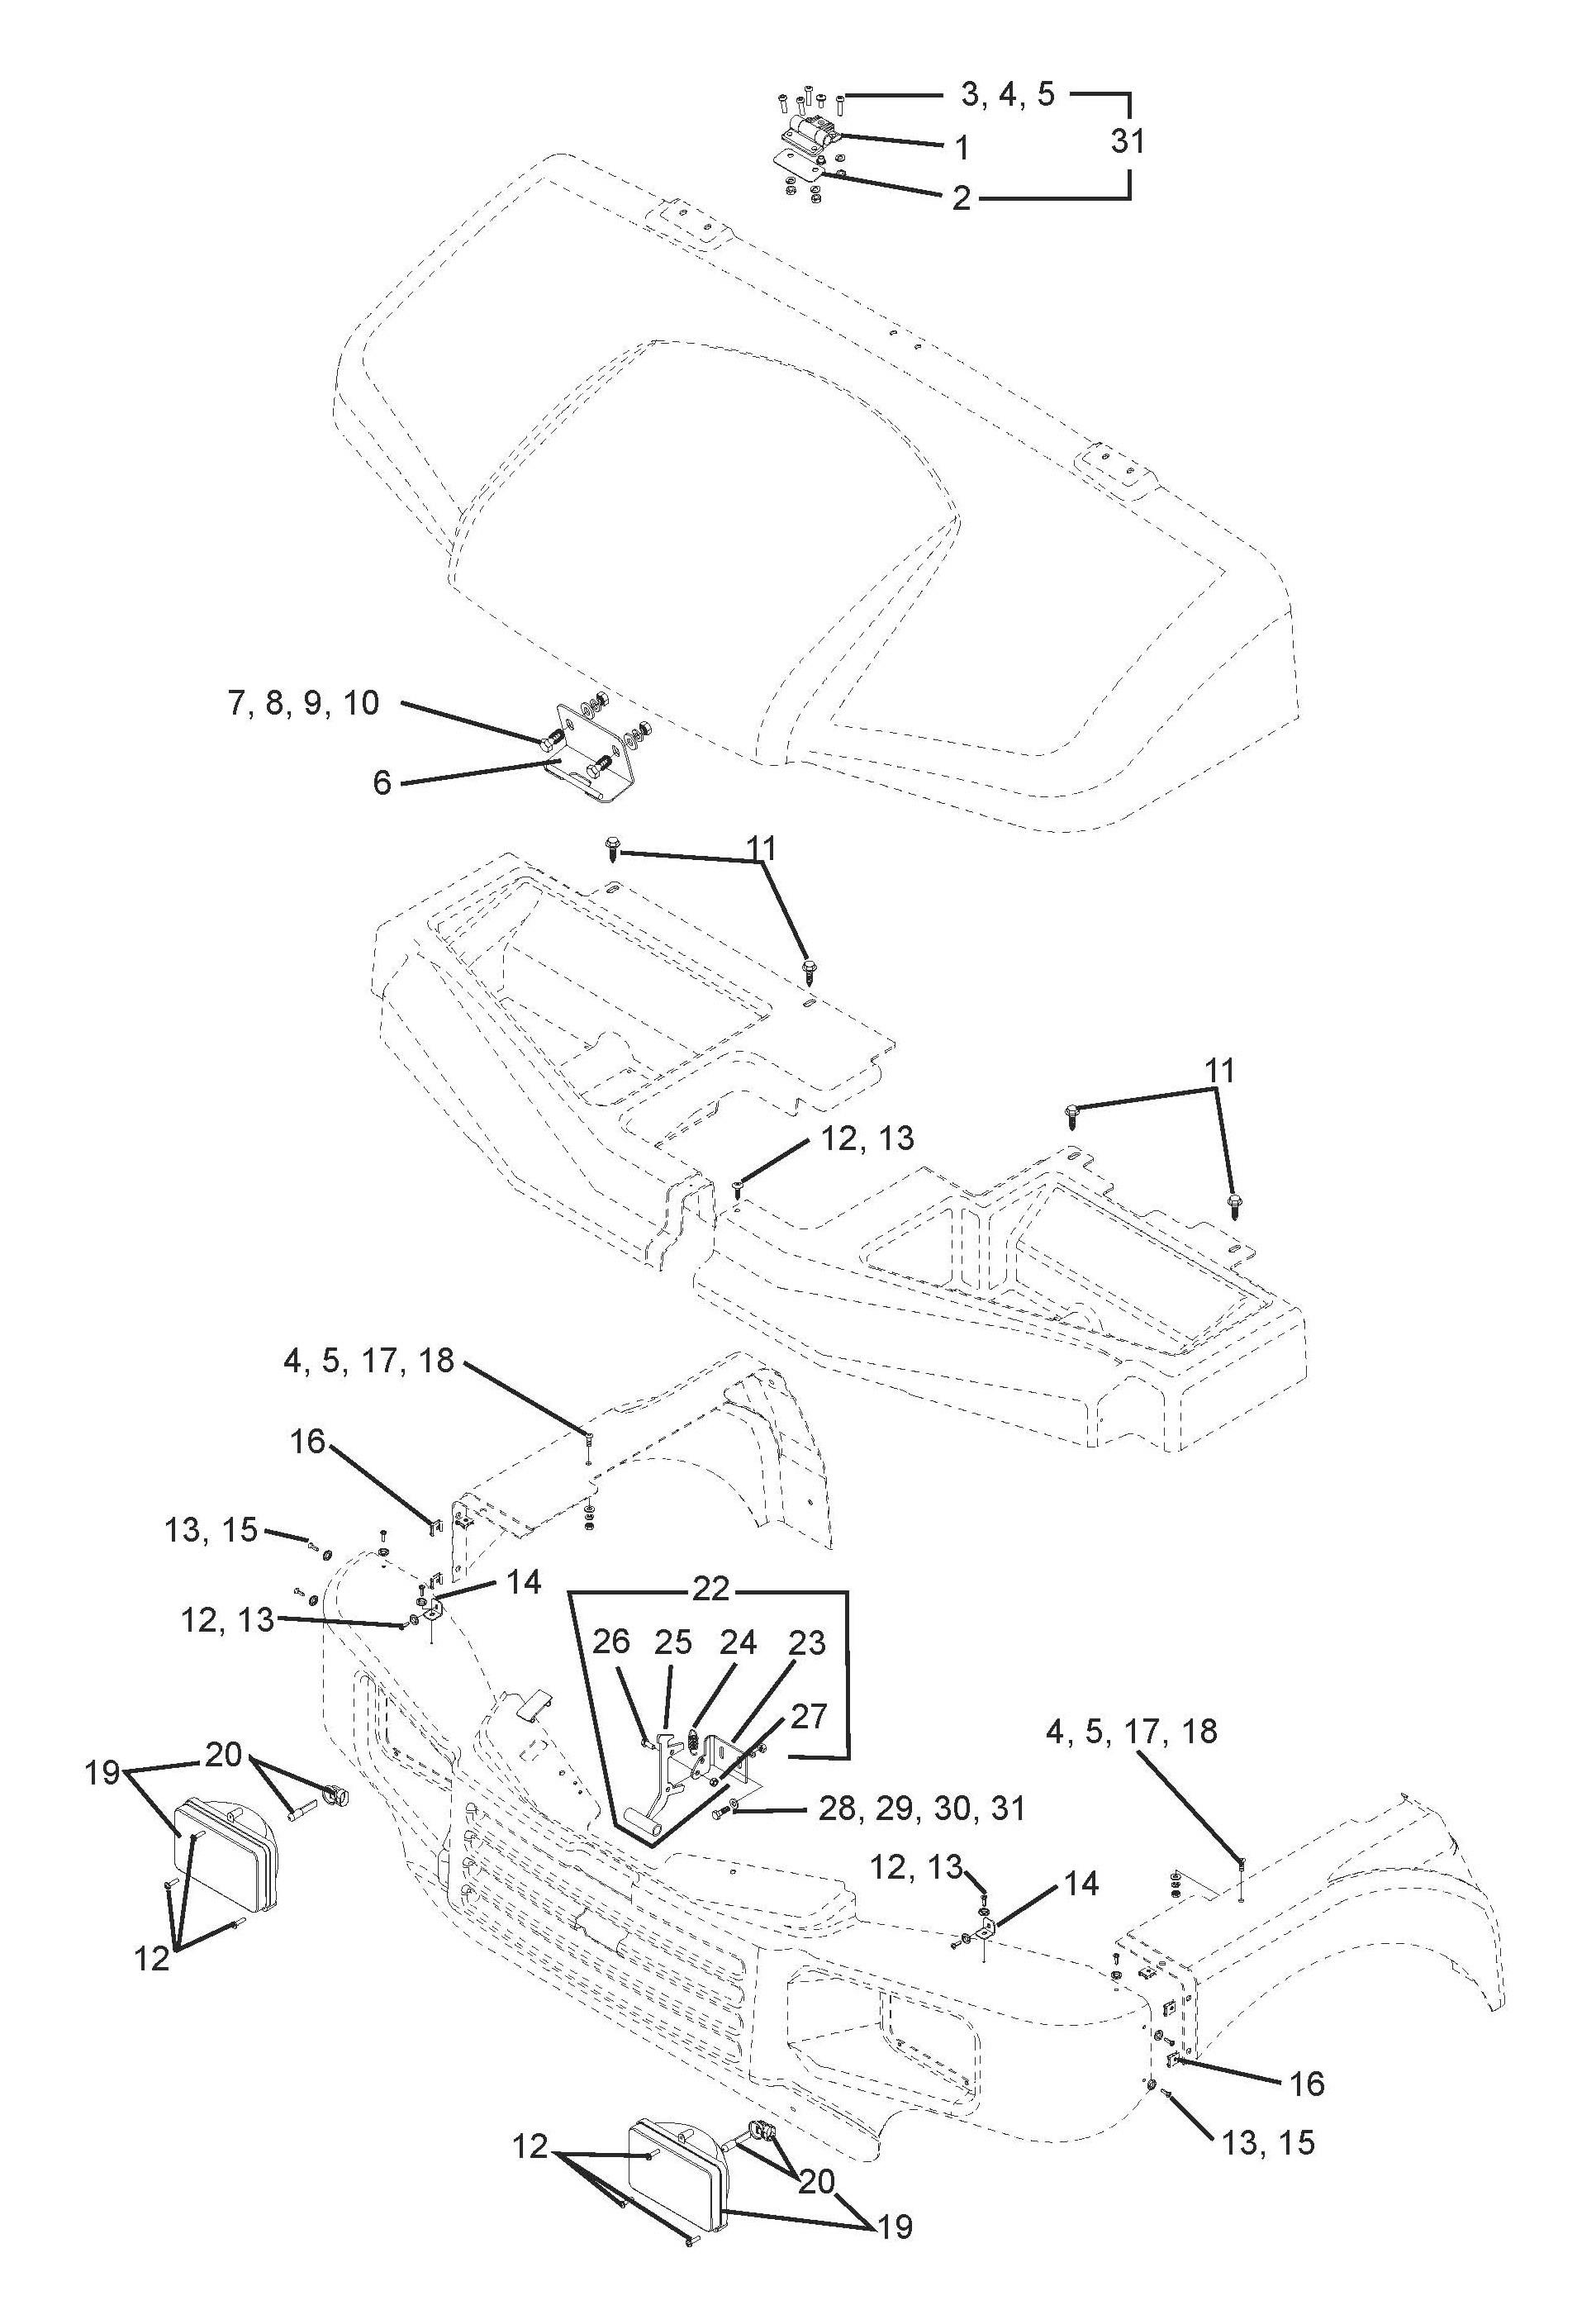 Front End Suspension Parts Diagram Bush Hog 4430 Utv Parts Parts 4430 Utv Parts Front End Body Parts Of Front End Suspension Parts Diagram